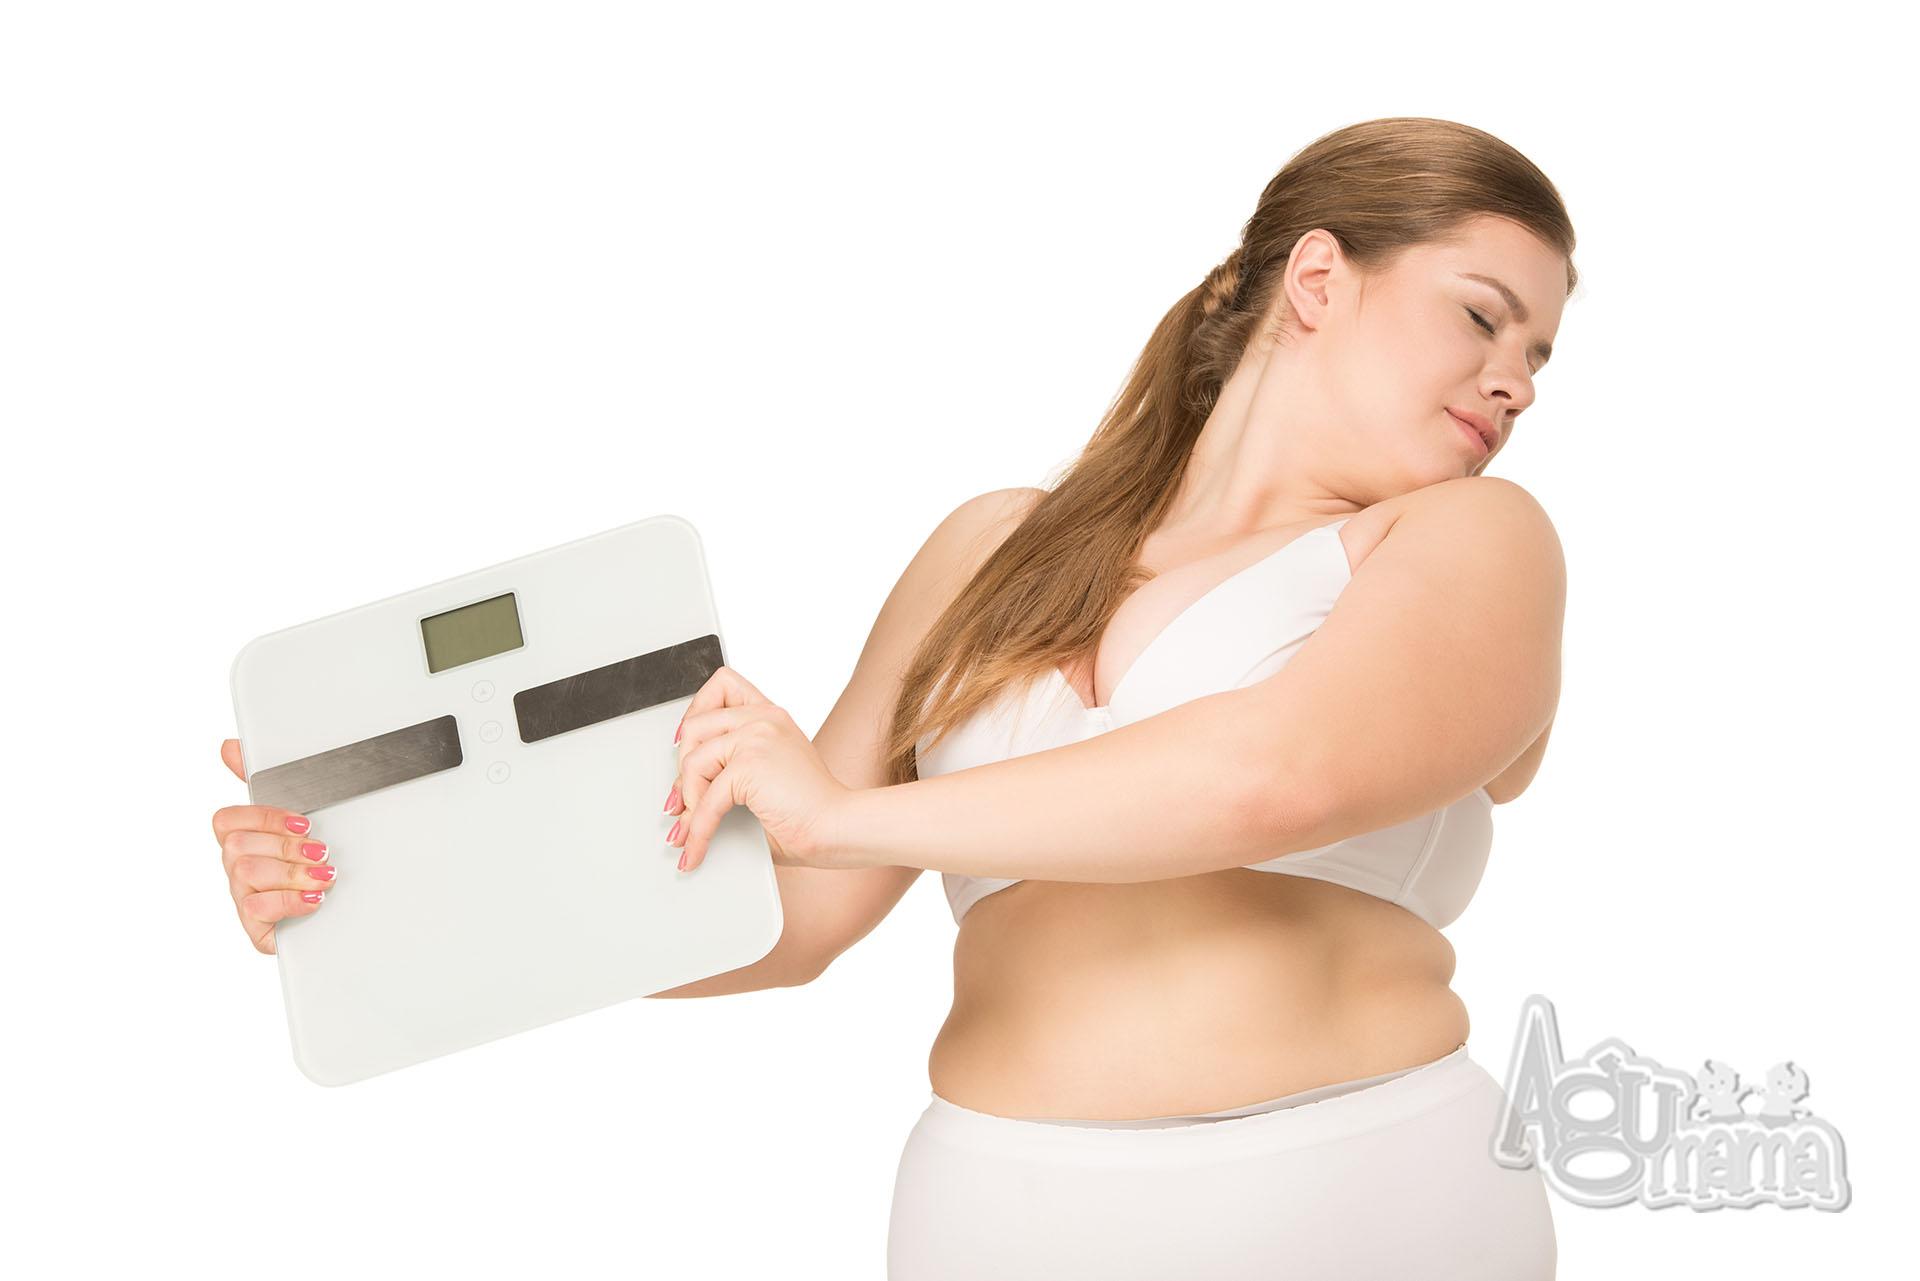 problemy ludzi otyłych kobieta z wagą